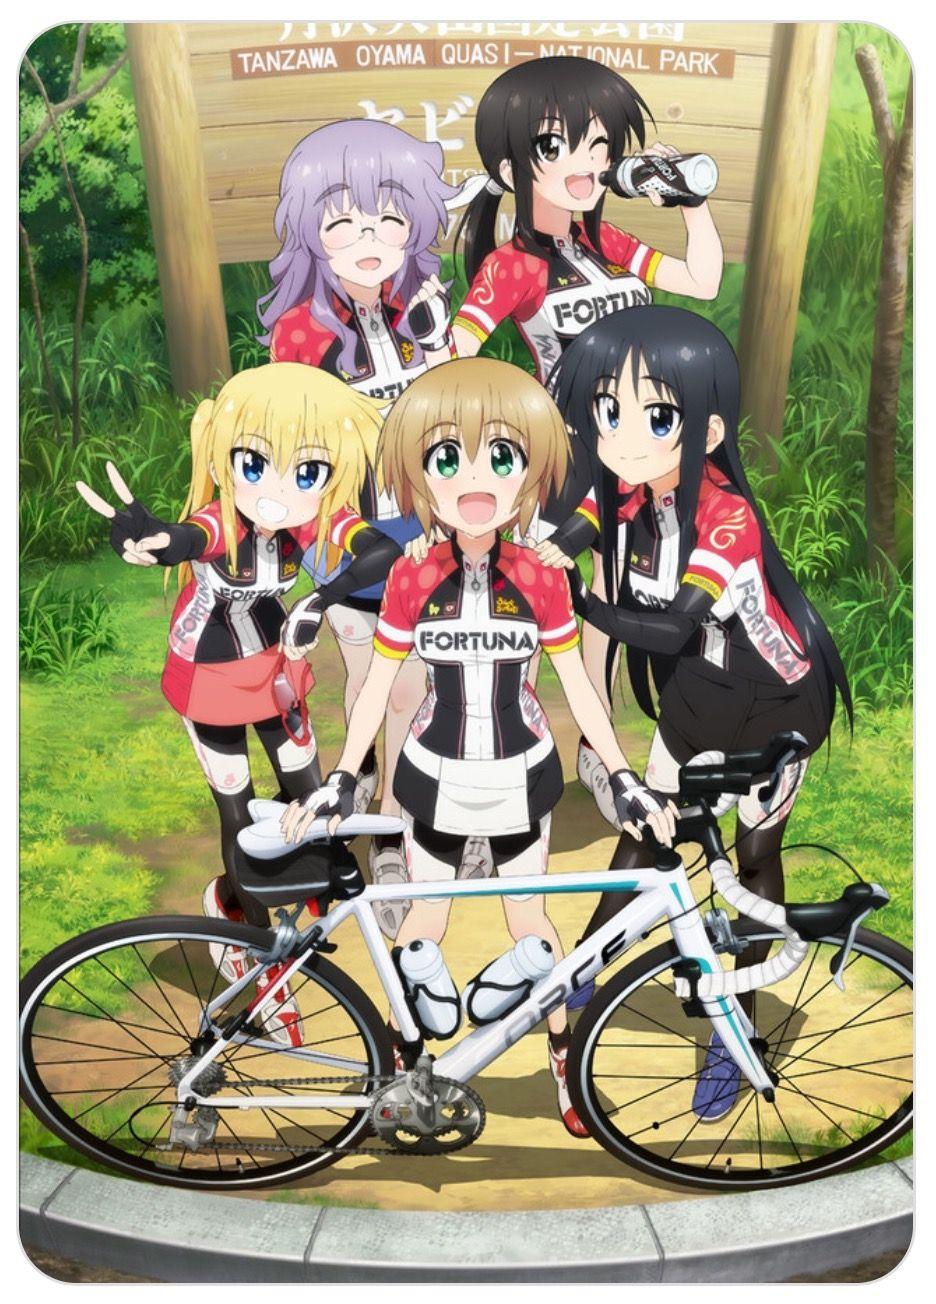 Long Riders (ろんぐらいだぁす) LongRiders Anime, Anime dvd